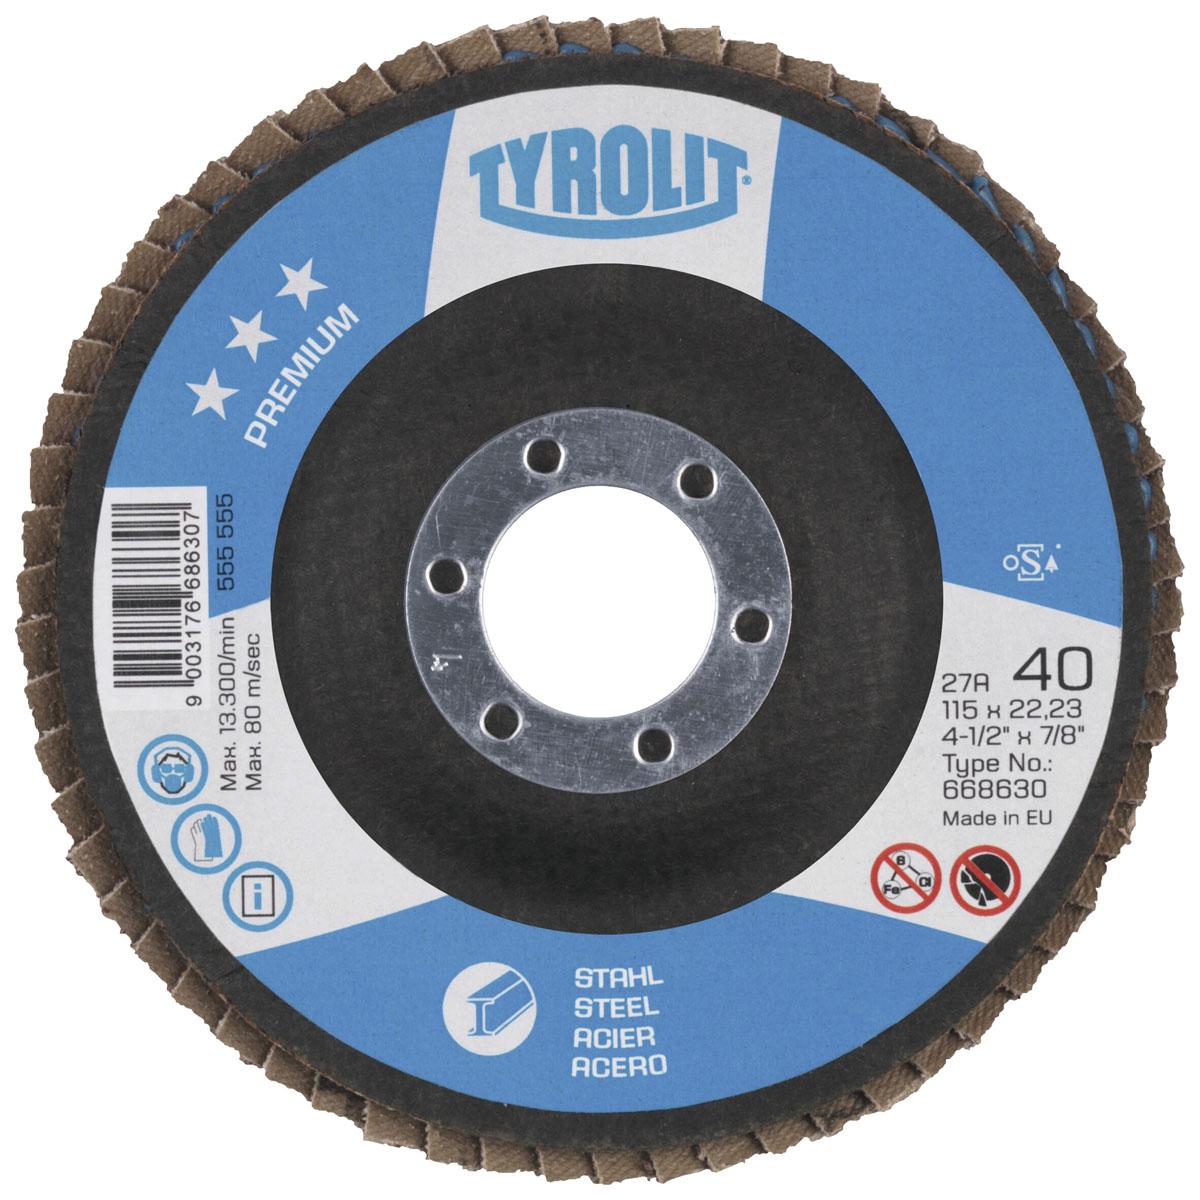 Диск абразивный зачистной Tyrolit Premium, лепестковый, 125 мм х 10 мм х 22,23 мм. 668634668634Диск абразивный зачистной Tyrolit Premium - широко используемый профессиональный инструмент для универсальных работ по шлифованию и зачистной работе, благодаря использованию оксида алюминия и циркониевого корунда. Особенности диска: Максимальная рабочая скорость: 80 м/с. Несущий диск из стекловолокна. Самоизнашиваемый. Малошумный. Холодное шлифование. Используется без опорного диска. Не царапает обрабатываемое изделие. Низкое содержание Fe, S, Cl 0,1%.